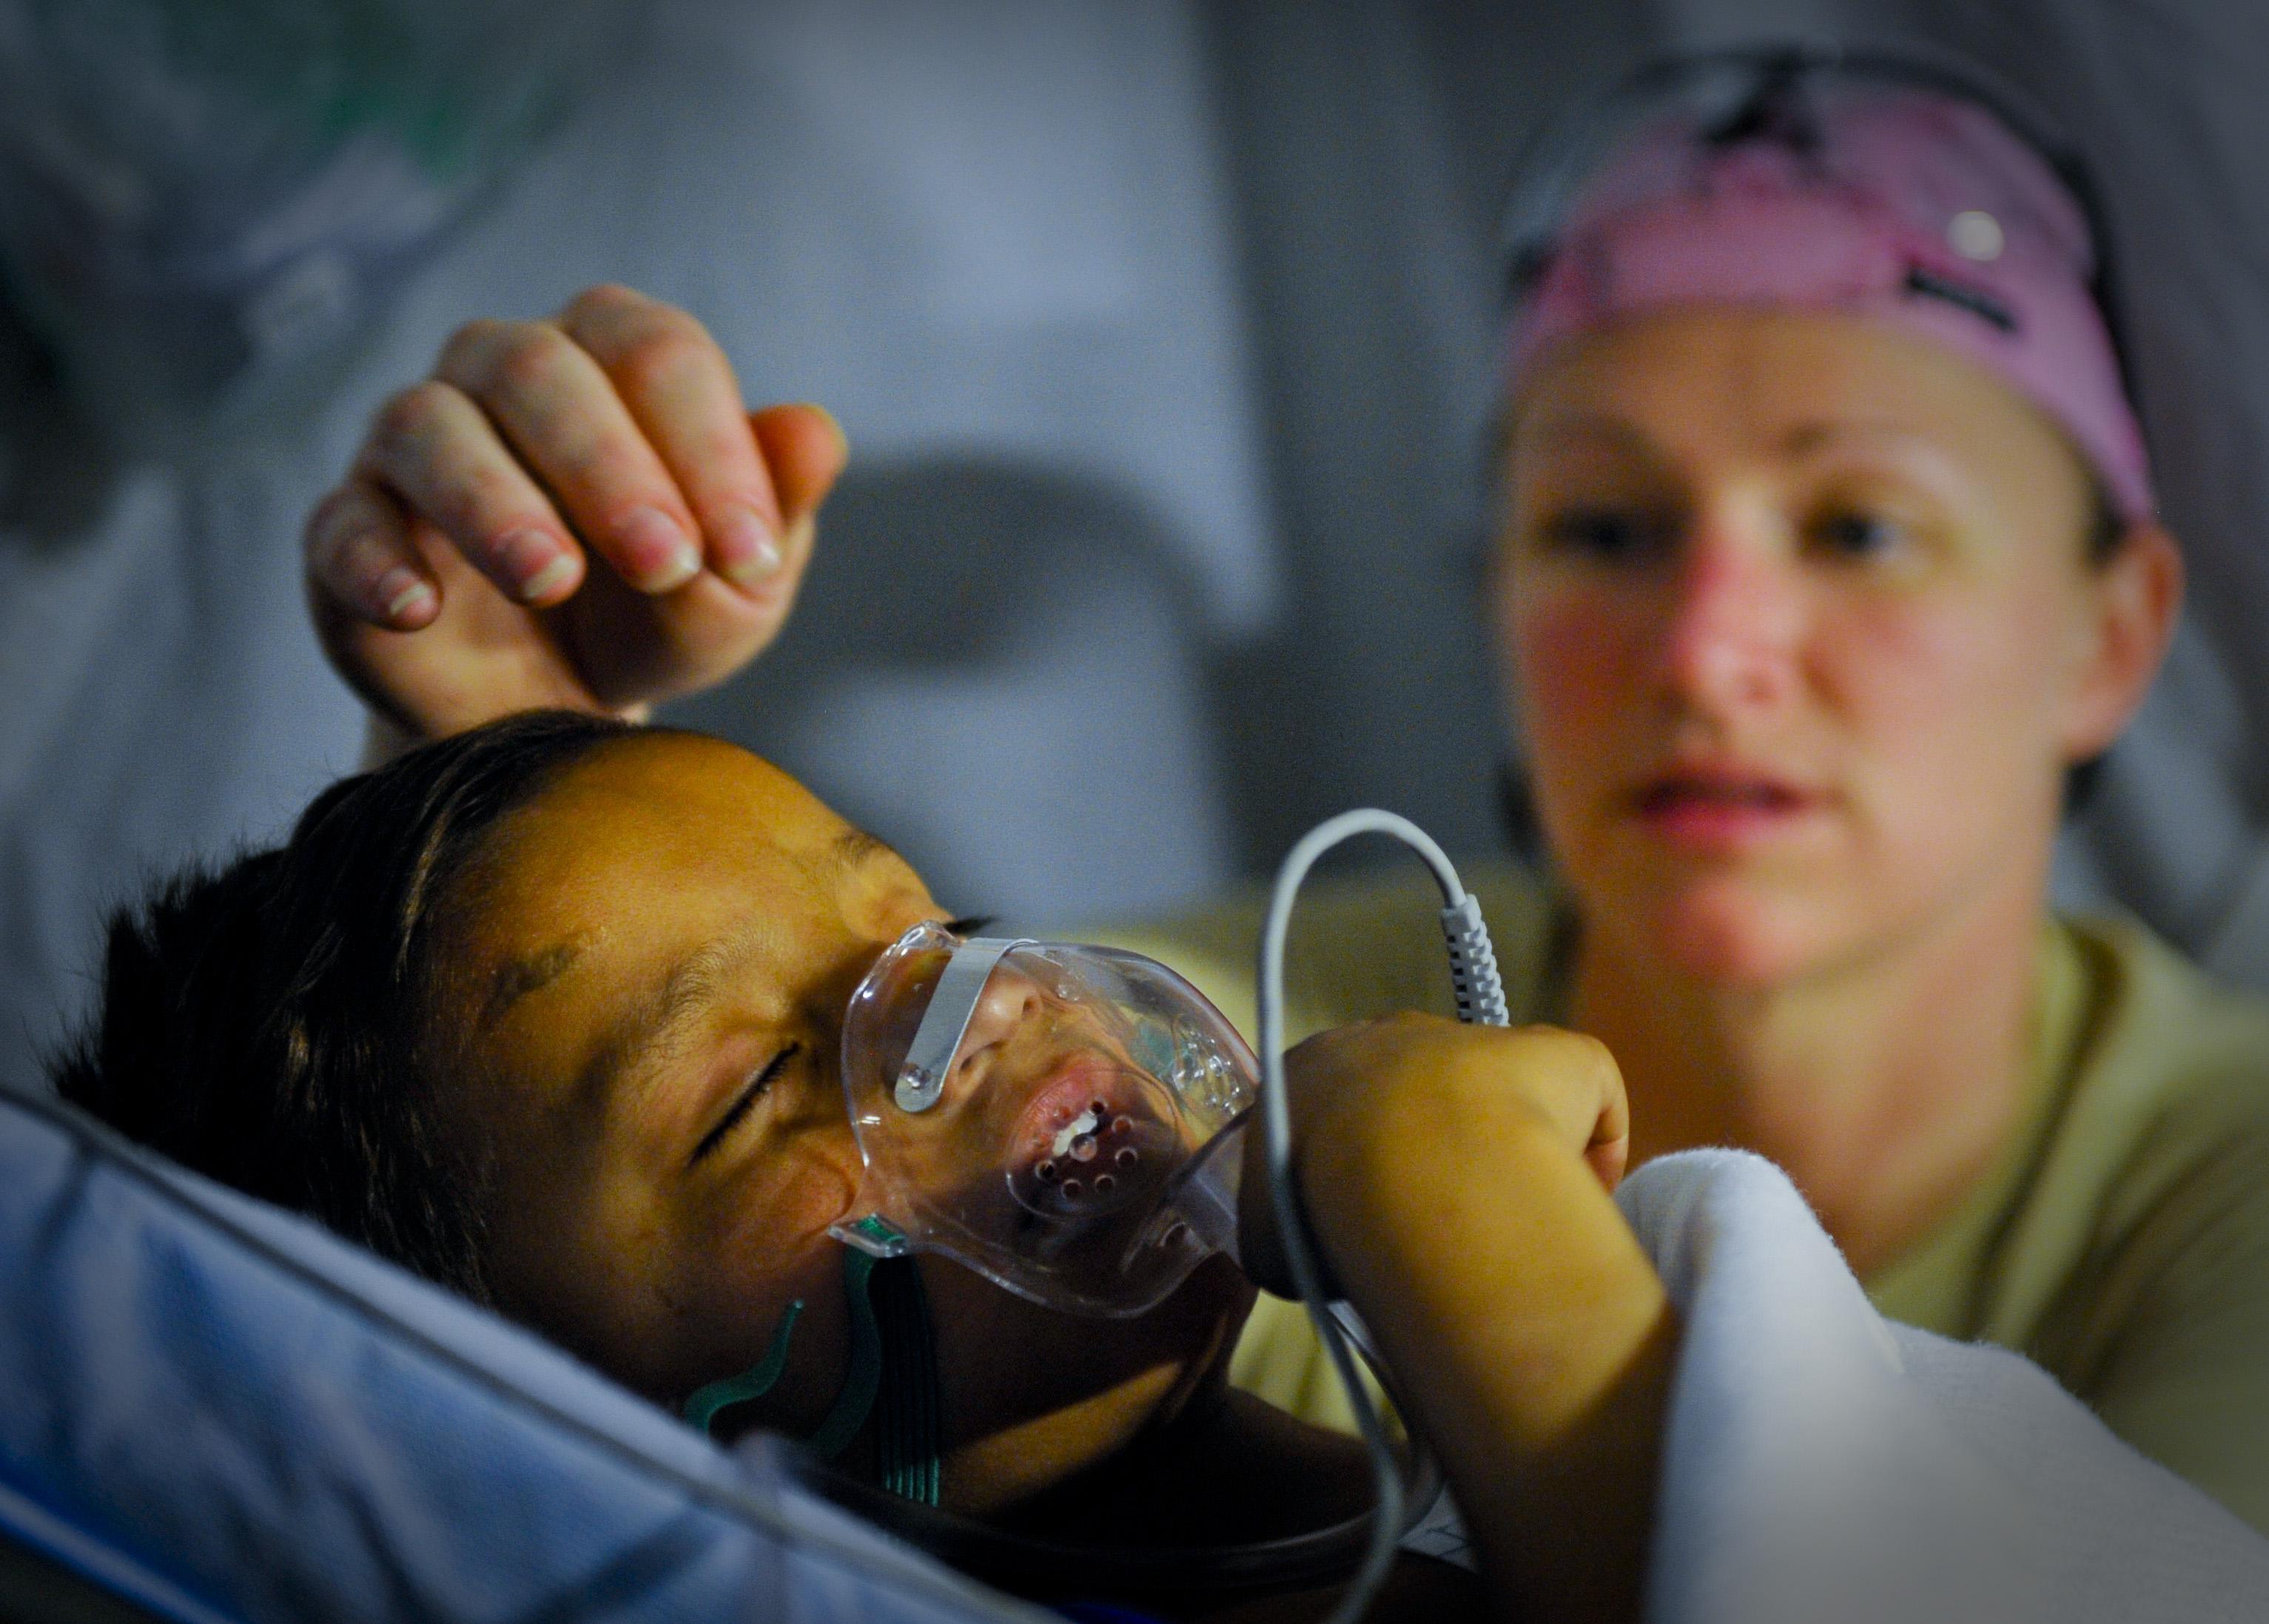 chłopiec z maską tlenową, a w tle lekarka głaskająca chłopca po głowie